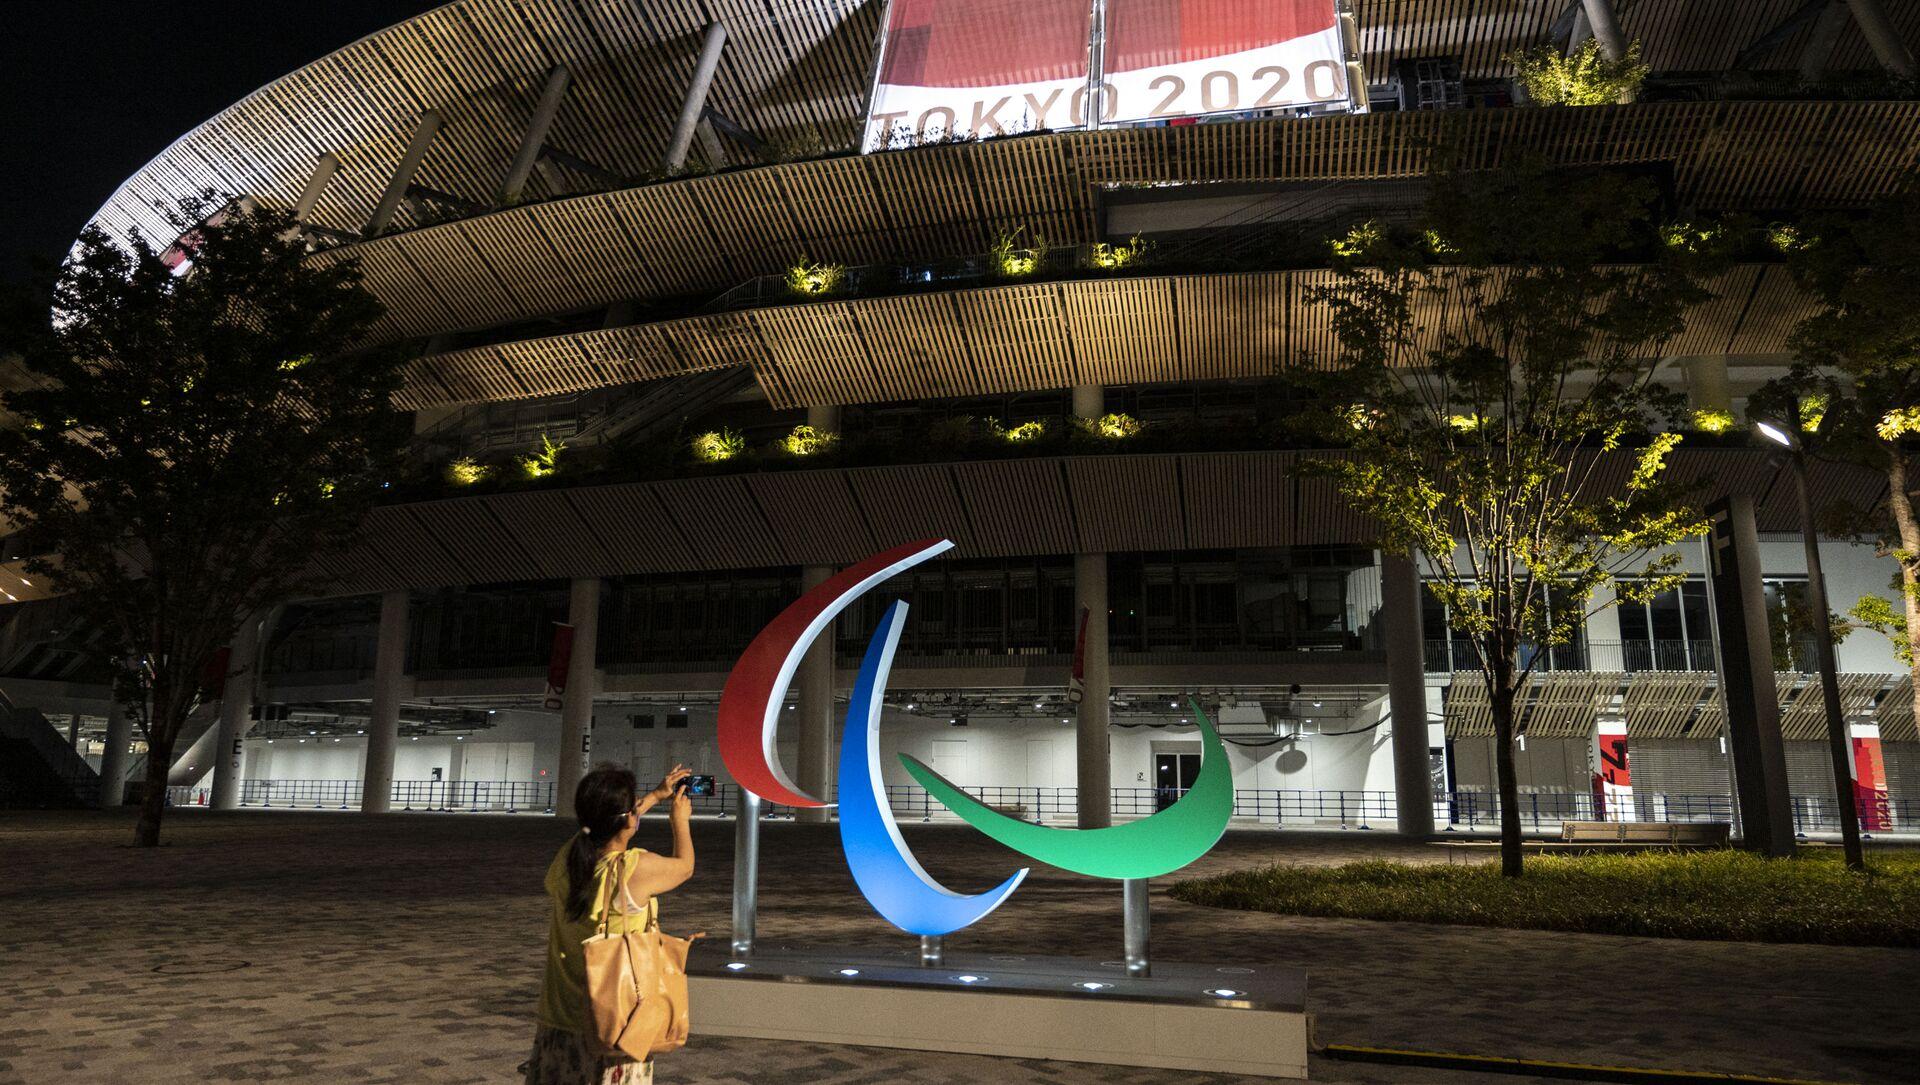 Jeux paralympiques 2020 - Sputnik France, 1920, 24.08.2021